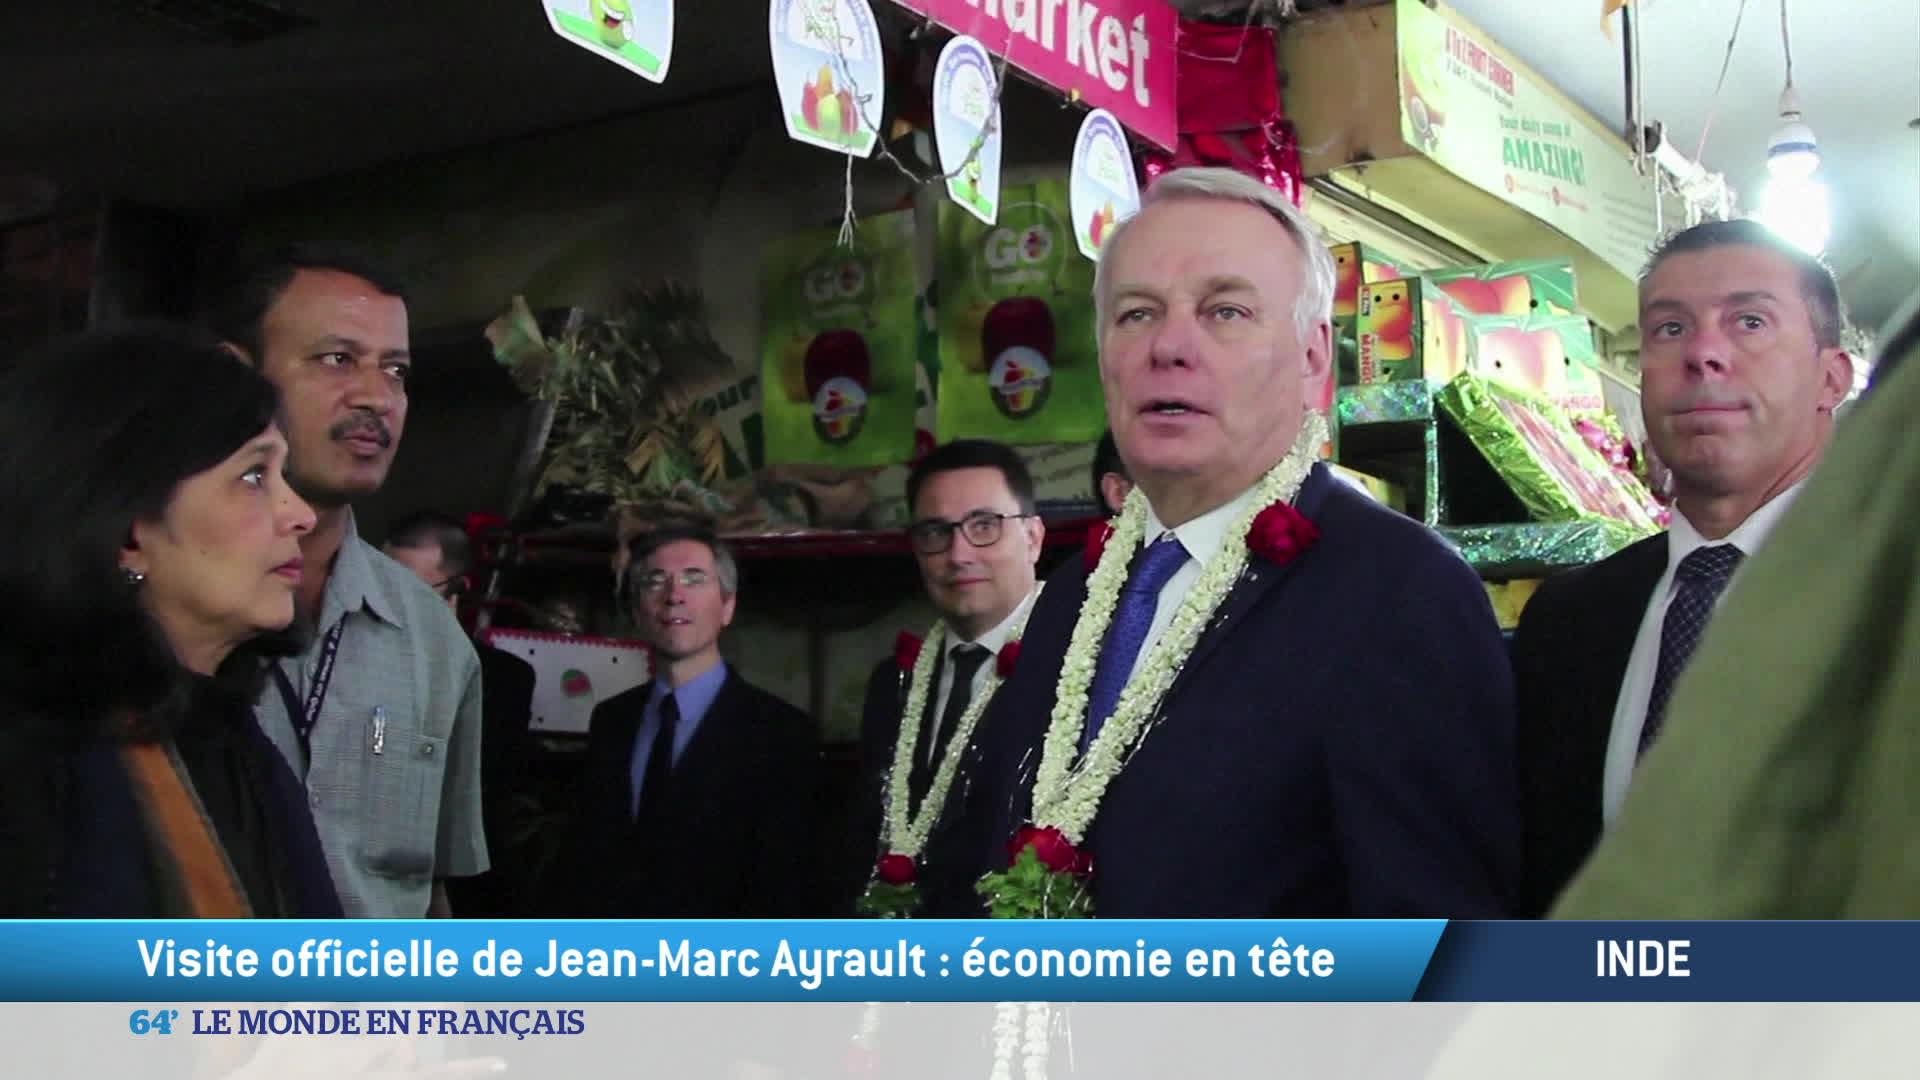 Inde : visite officielle de Jean-Marc Ayrault